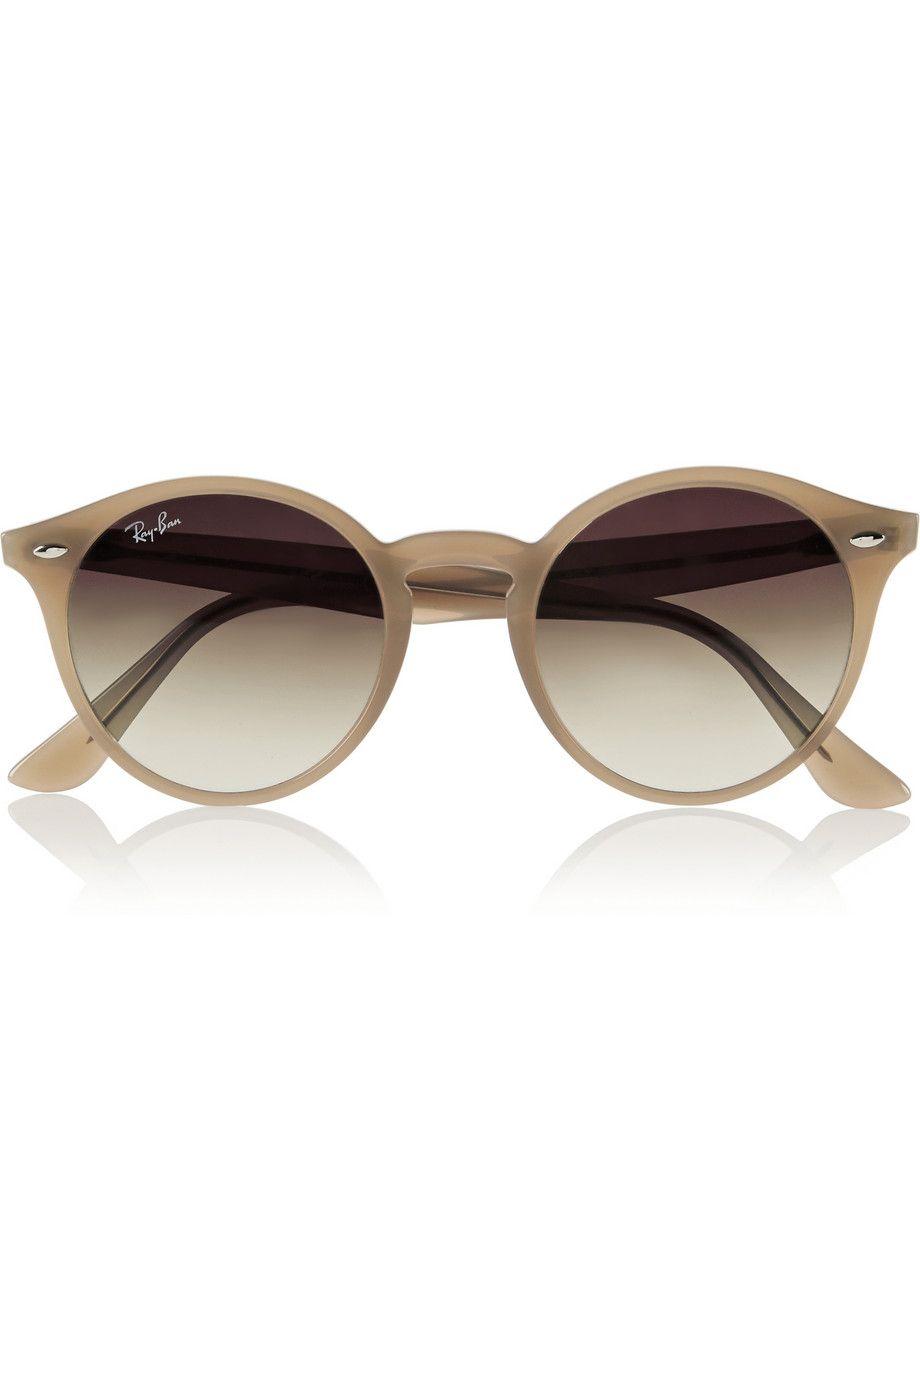 Ray-Ban|Round-frame acetate sunglasses|NET-A-PORTER.COM